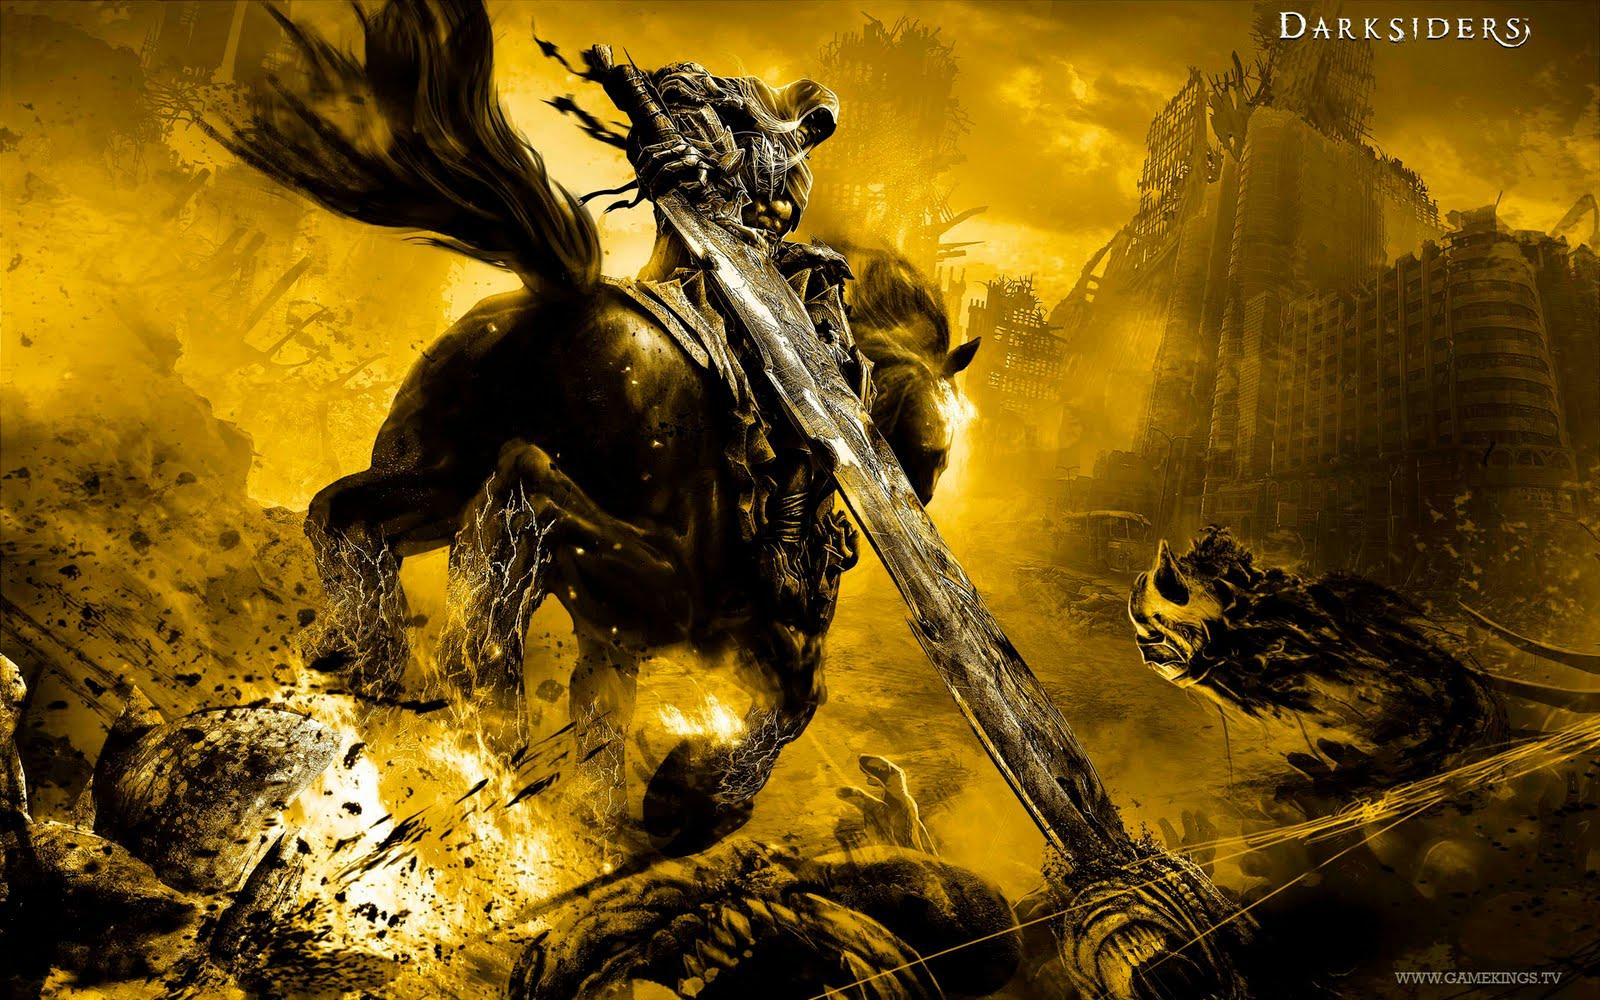 http://3.bp.blogspot.com/_j6hb7P0UBkc/TN8t5jZb3KI/AAAAAAAAAFM/FIjrim0Cs2U/s1600/Darksiders-War-Rides2.jpg